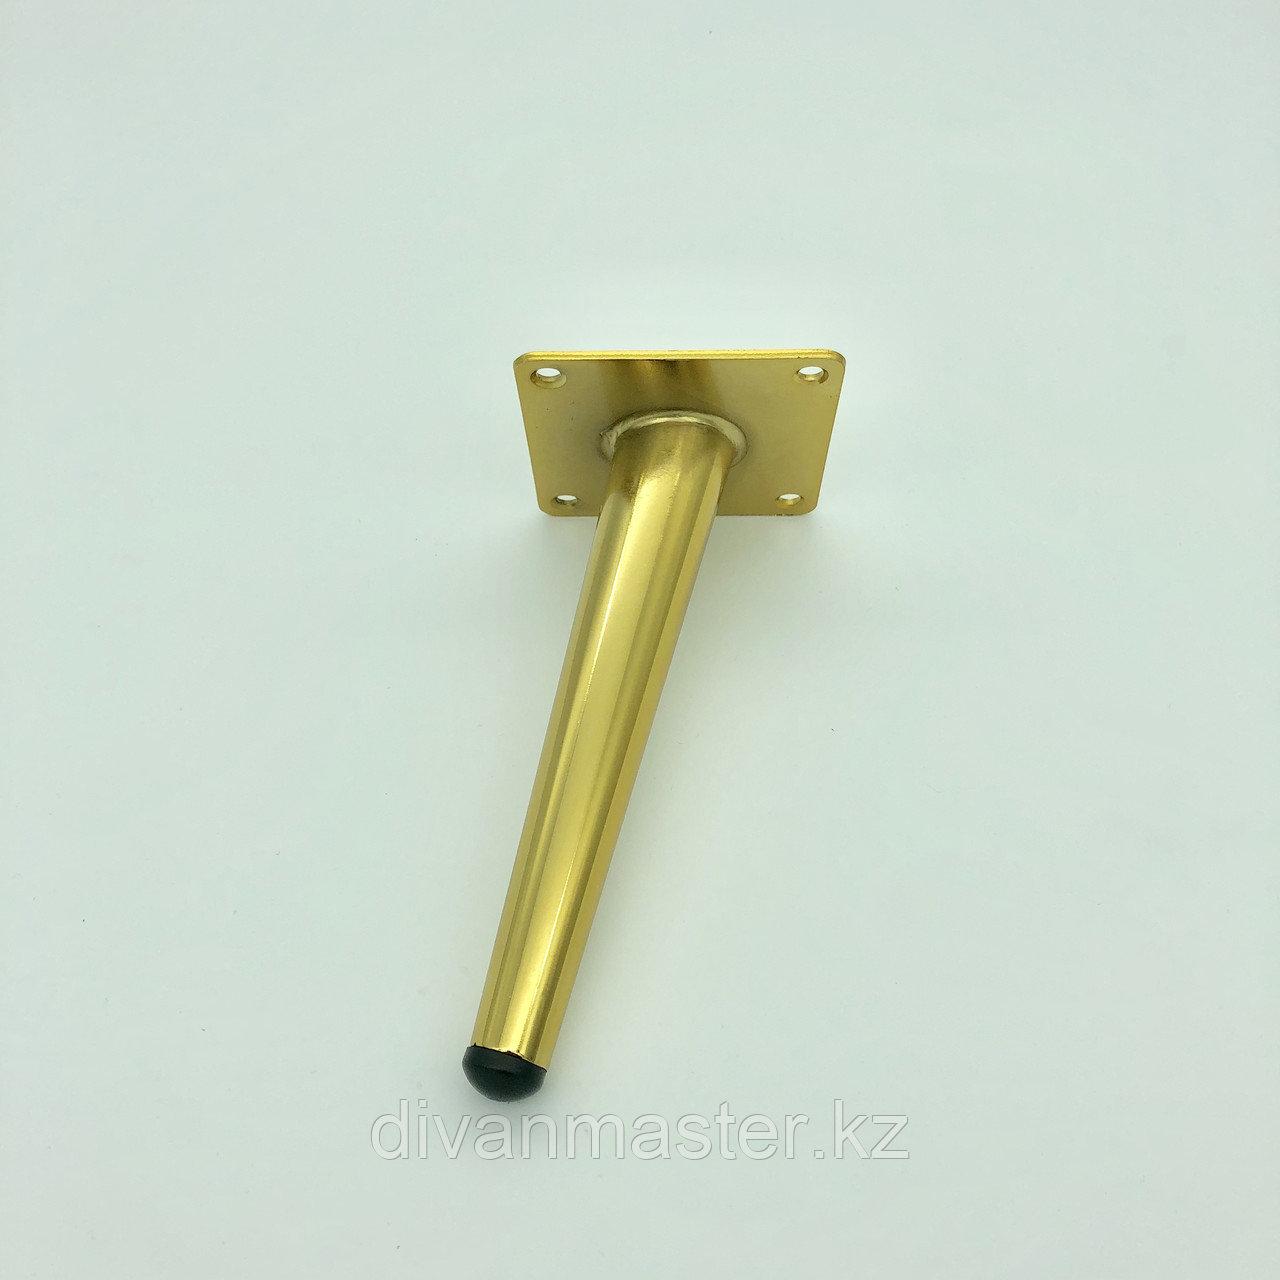 Ножка мебельная, стальная с наклоном 15 см.Золото